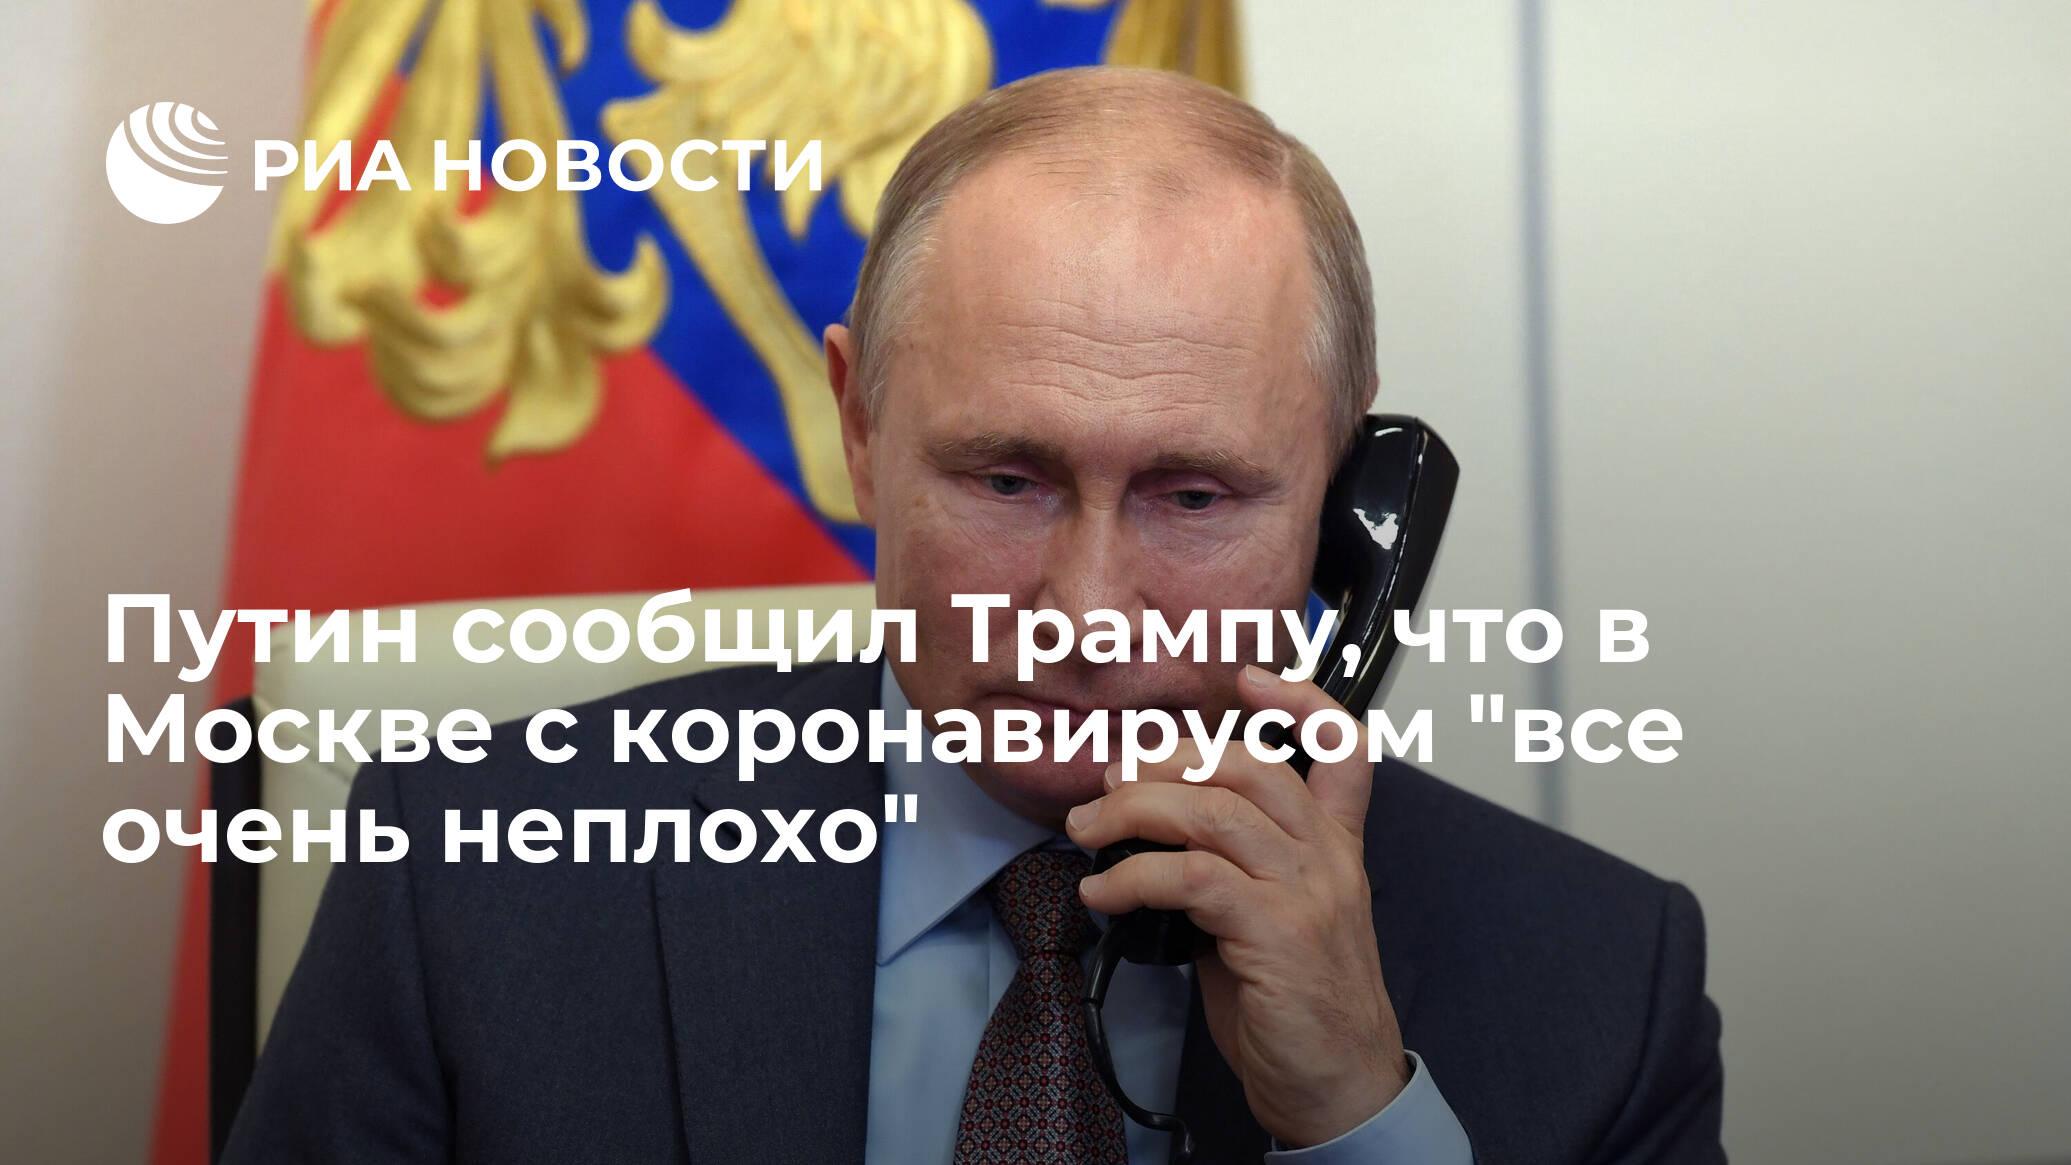 Путин сообщил Трампу, что в Москве с коронавирусом «все очень неплохо»